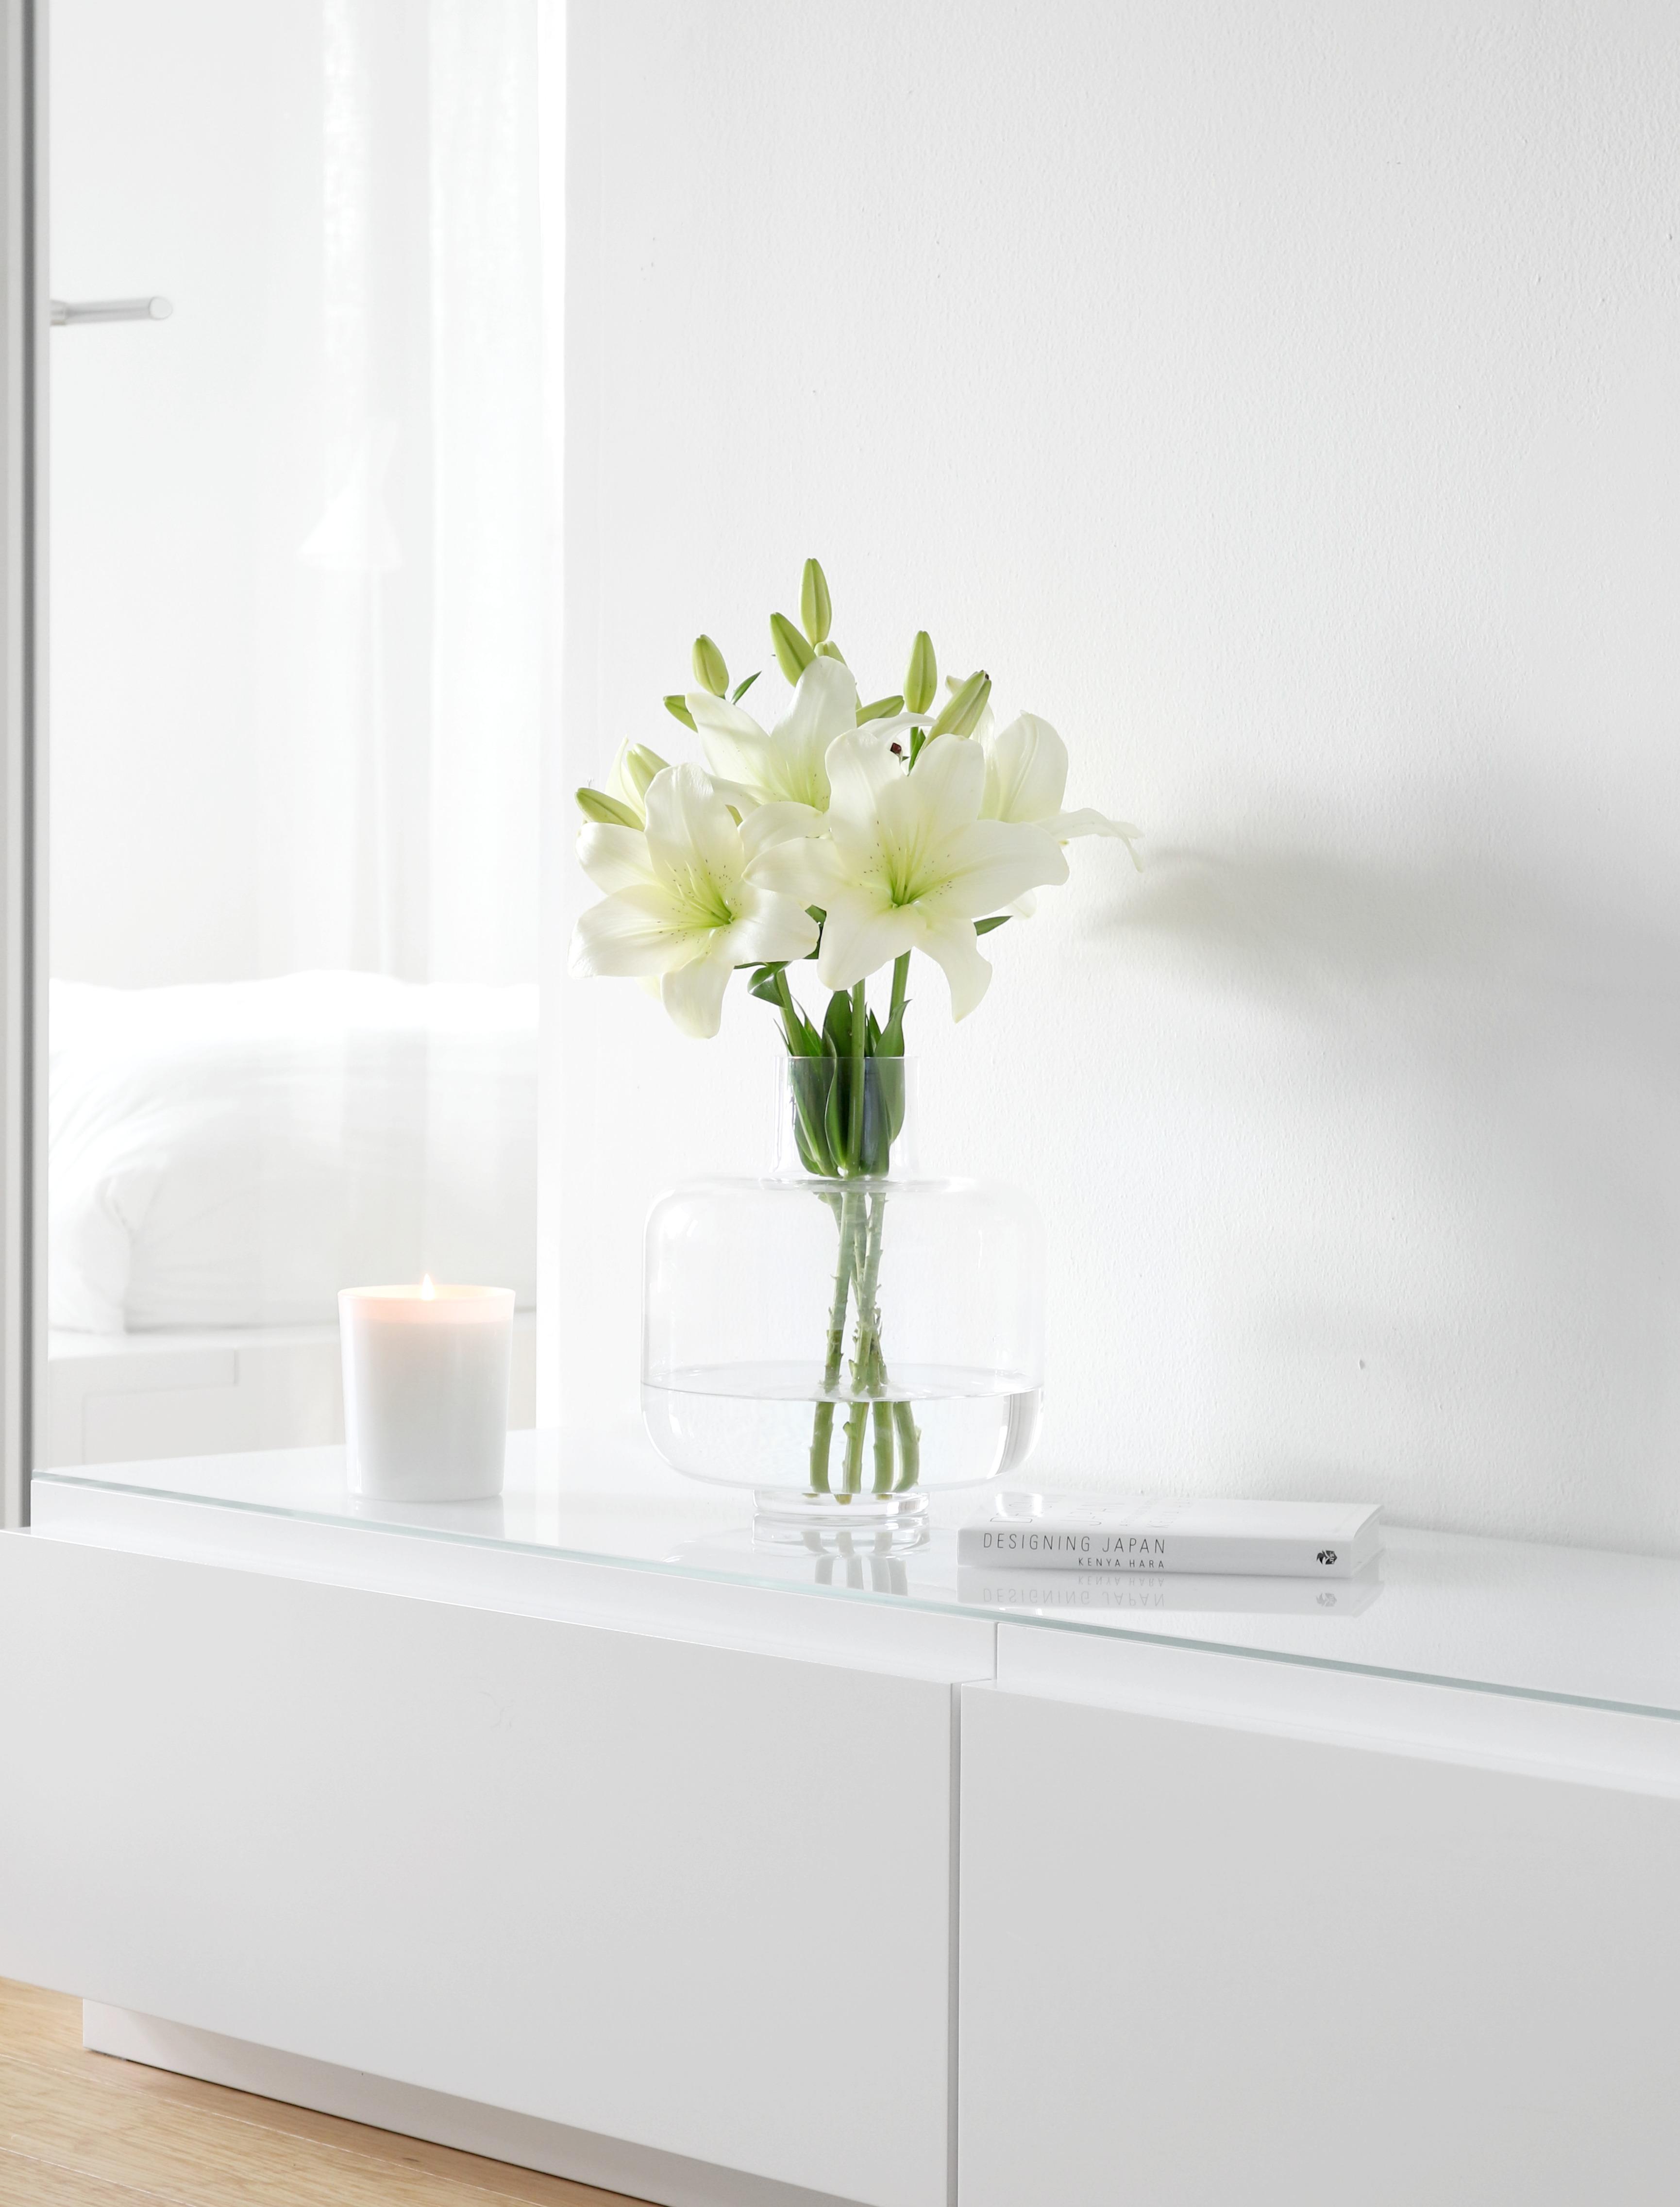 Valkoinen sisustus lilja kimppu Omakotivalkoinen